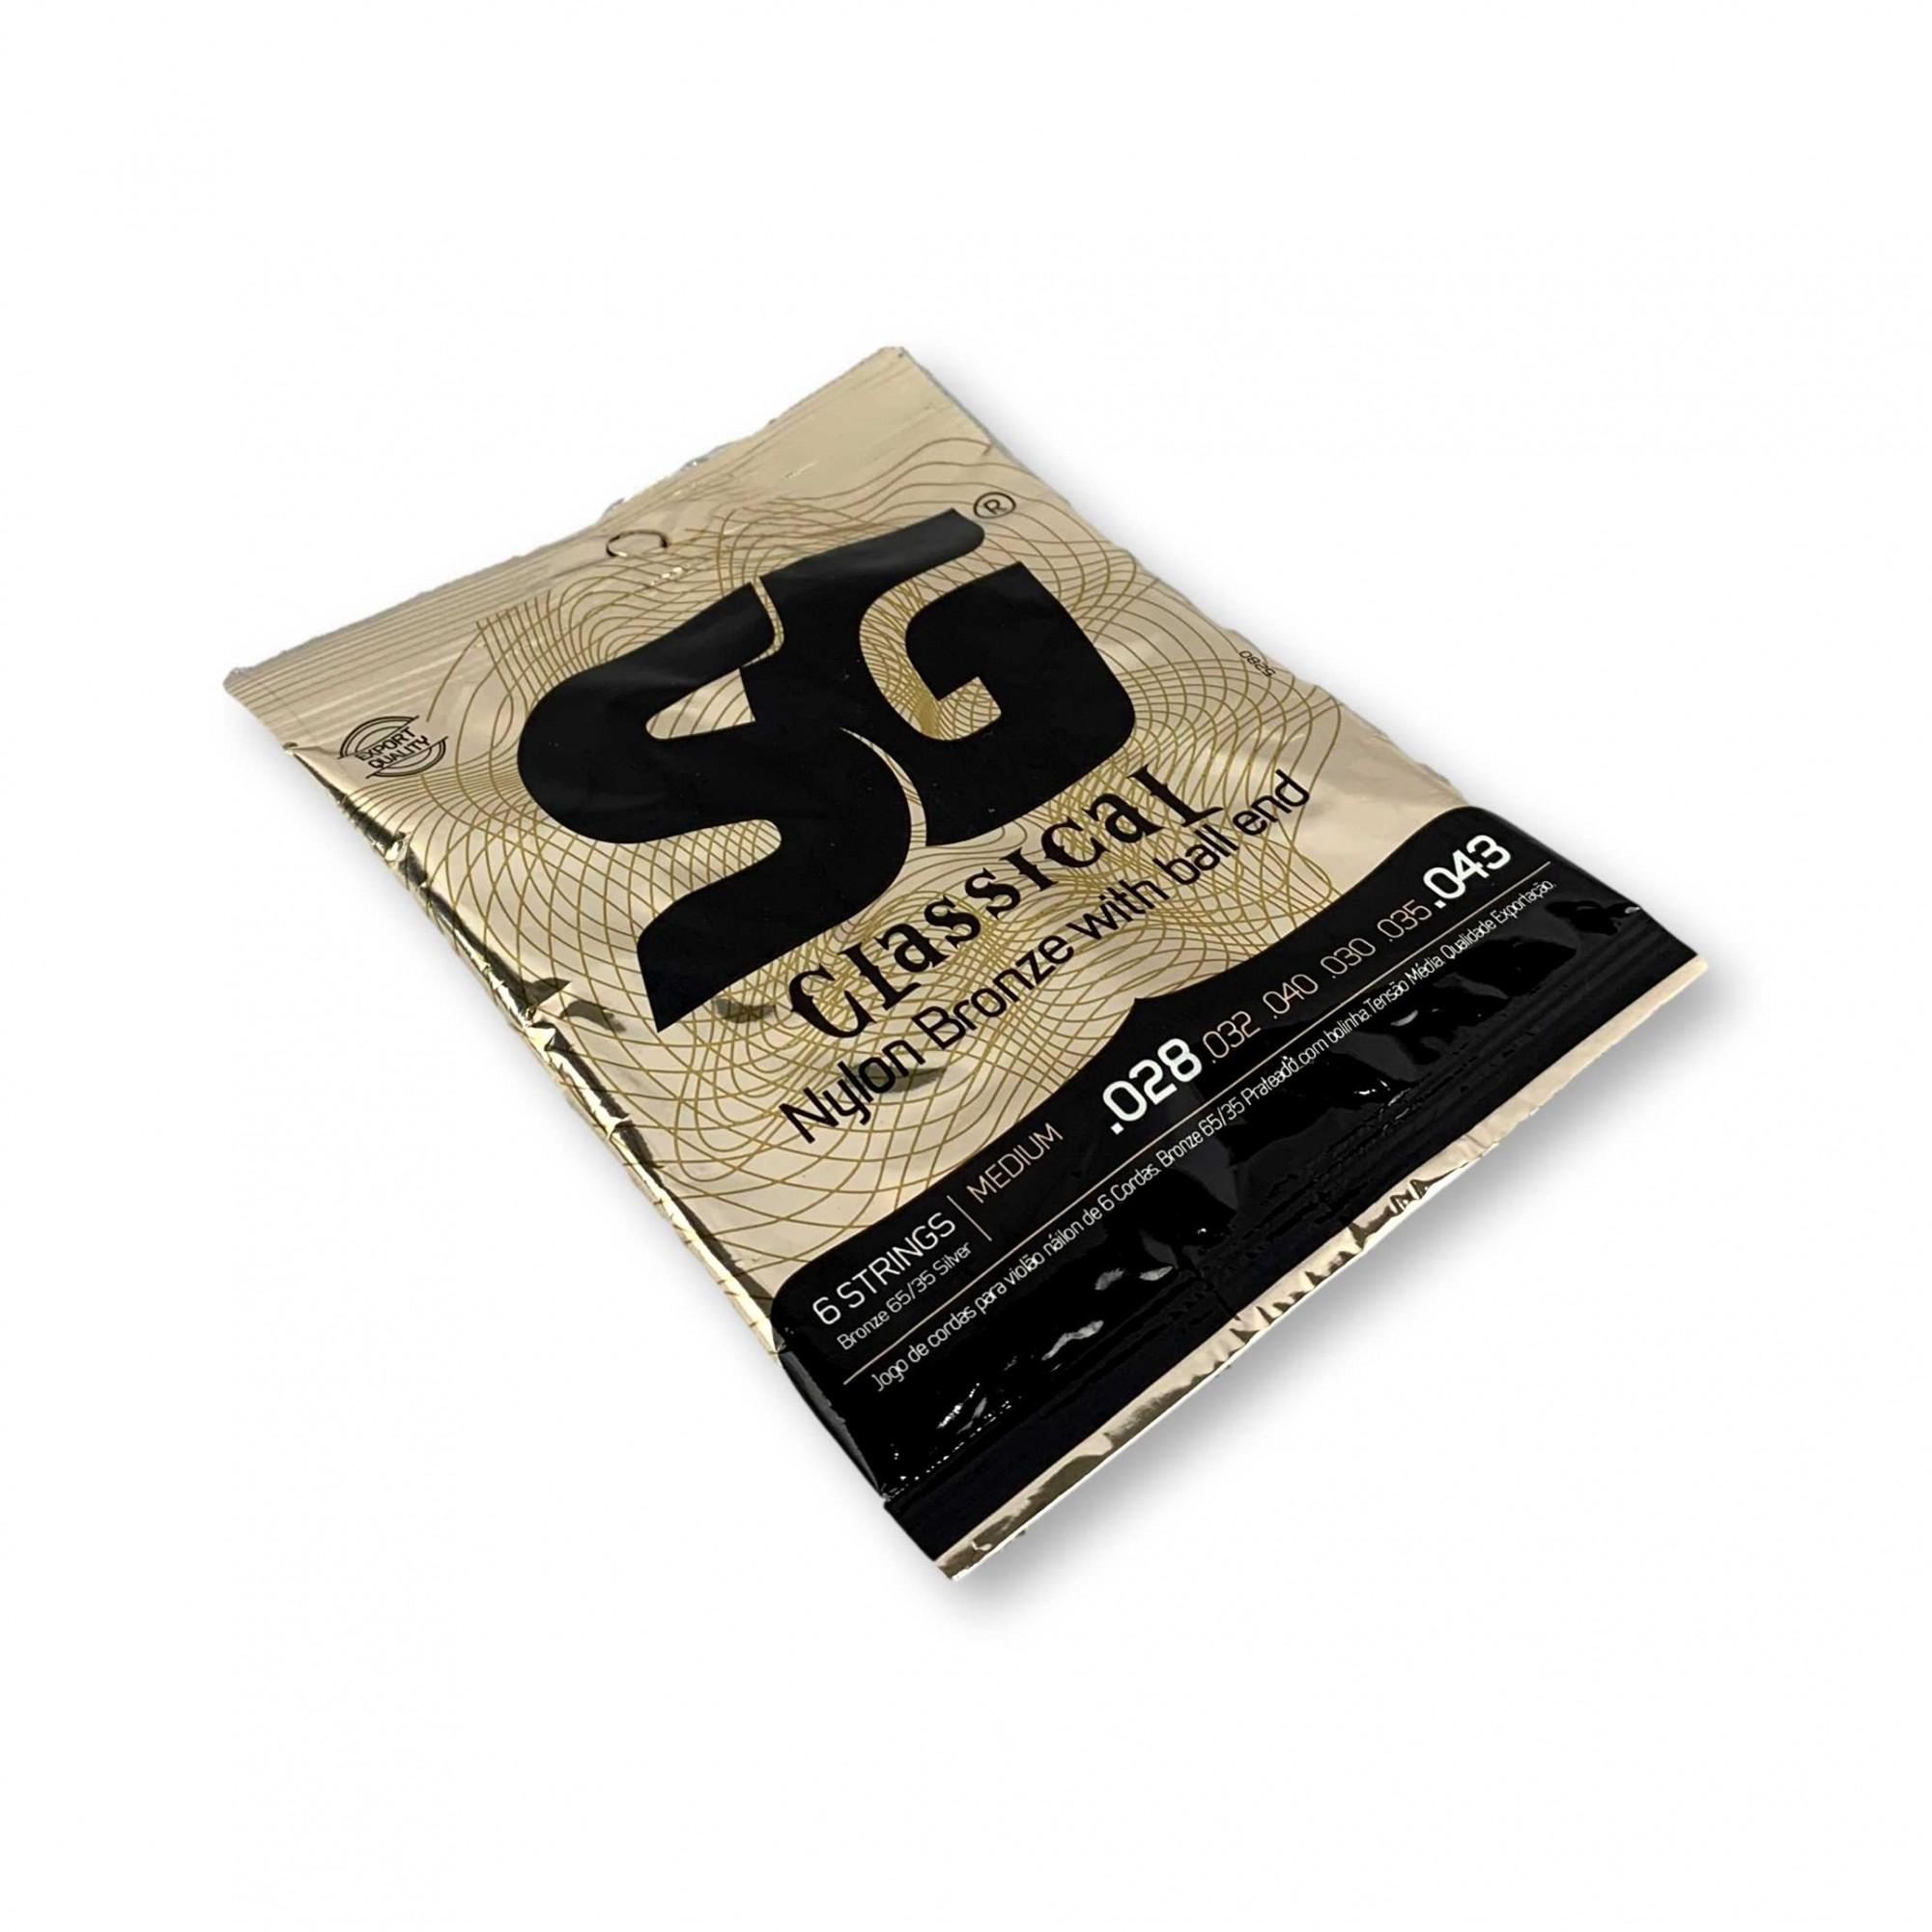 Encordoamento Violão Nylon SG Tensão Media 5280 Kit c/ 5